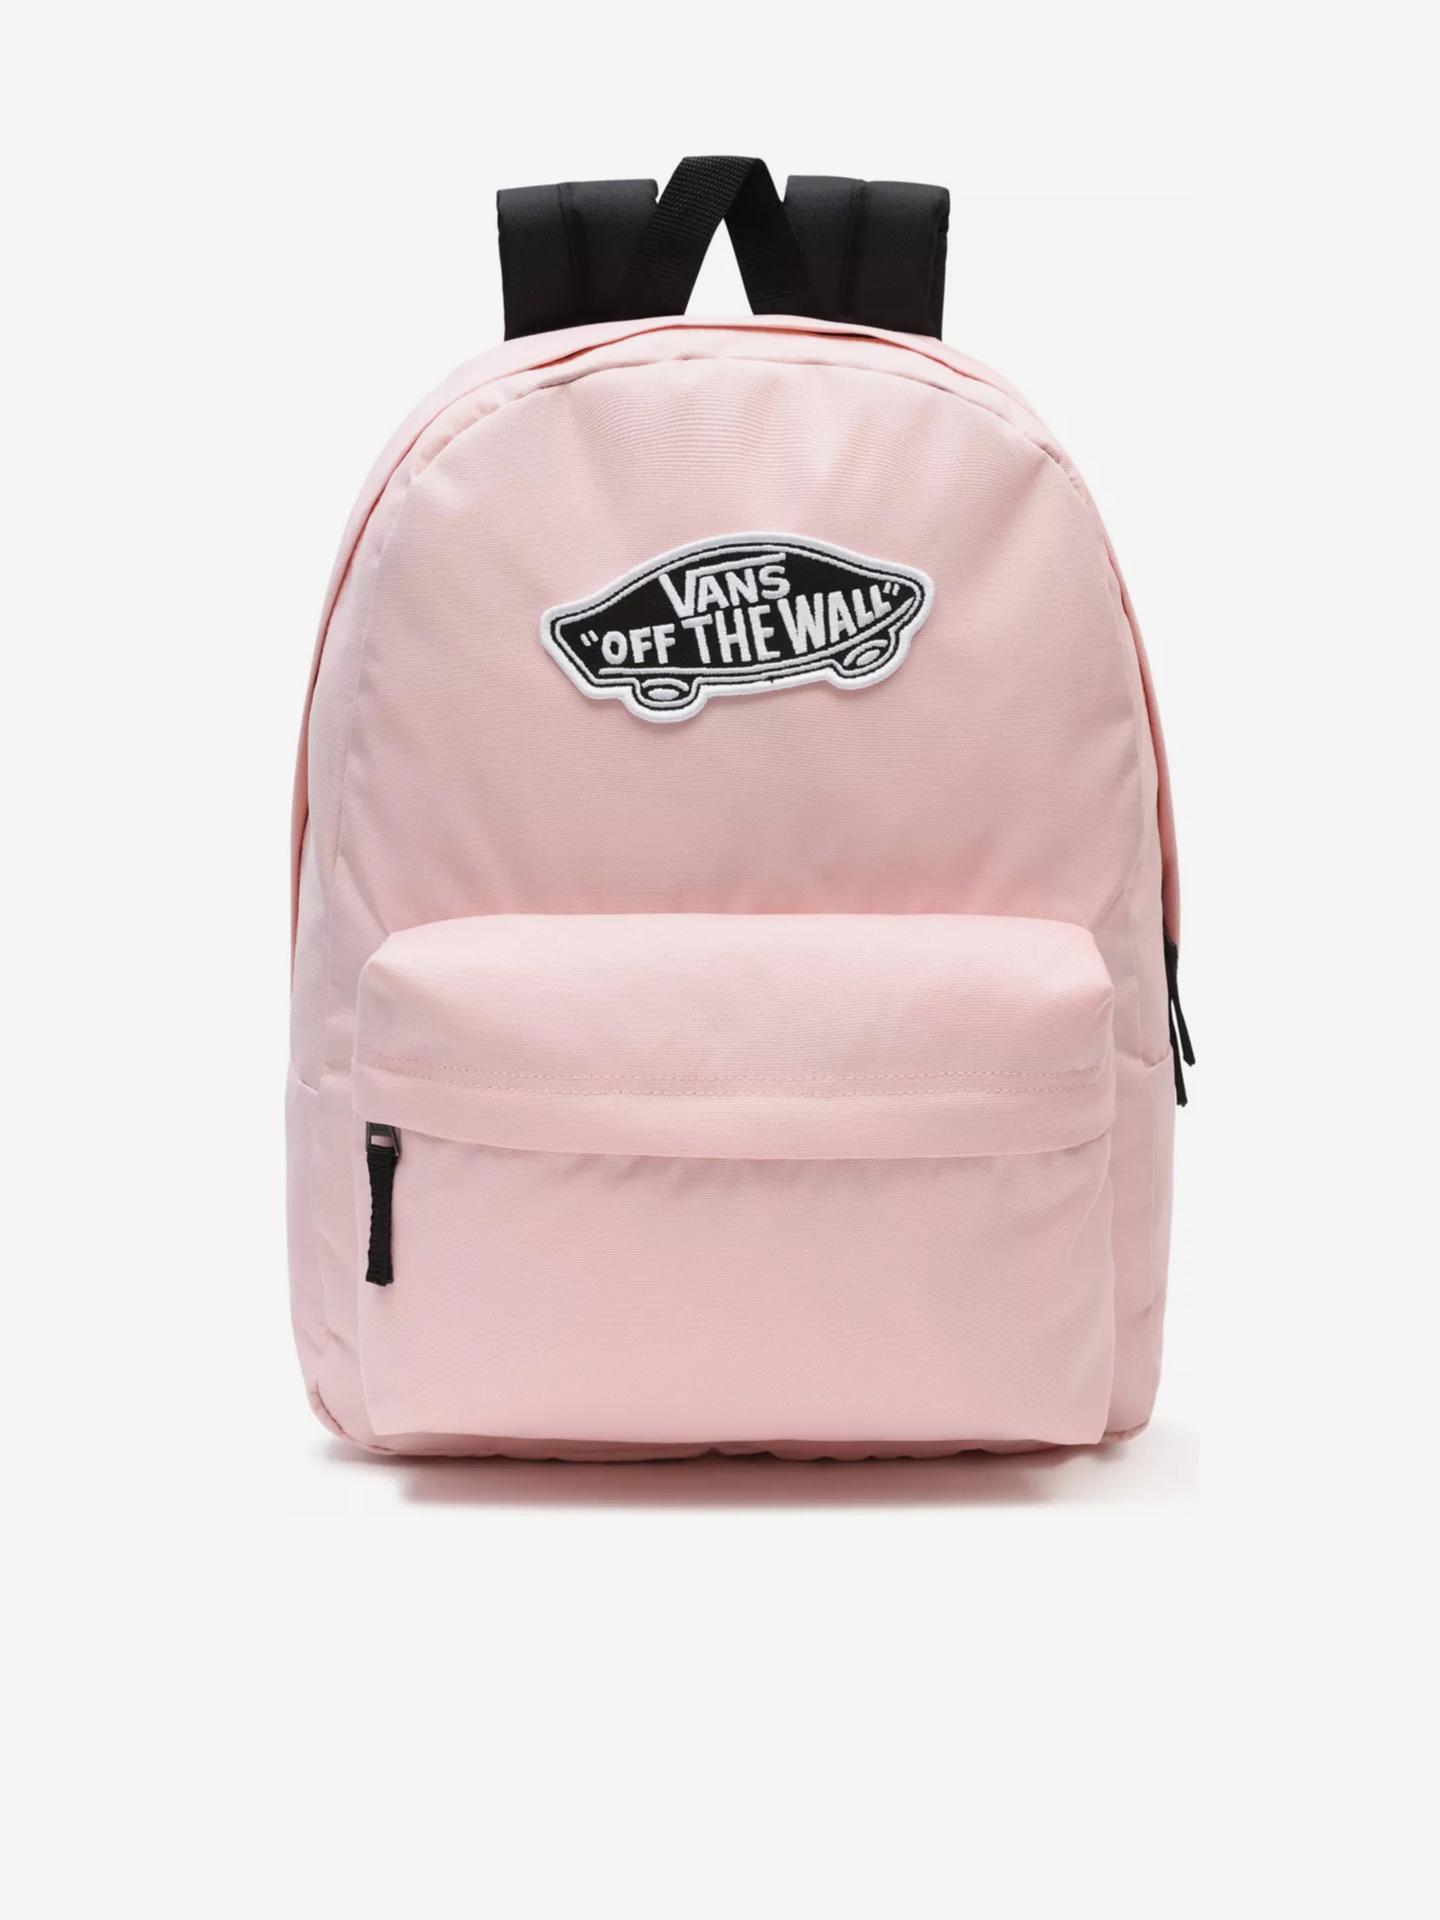 Vans Realm Backpack Pink